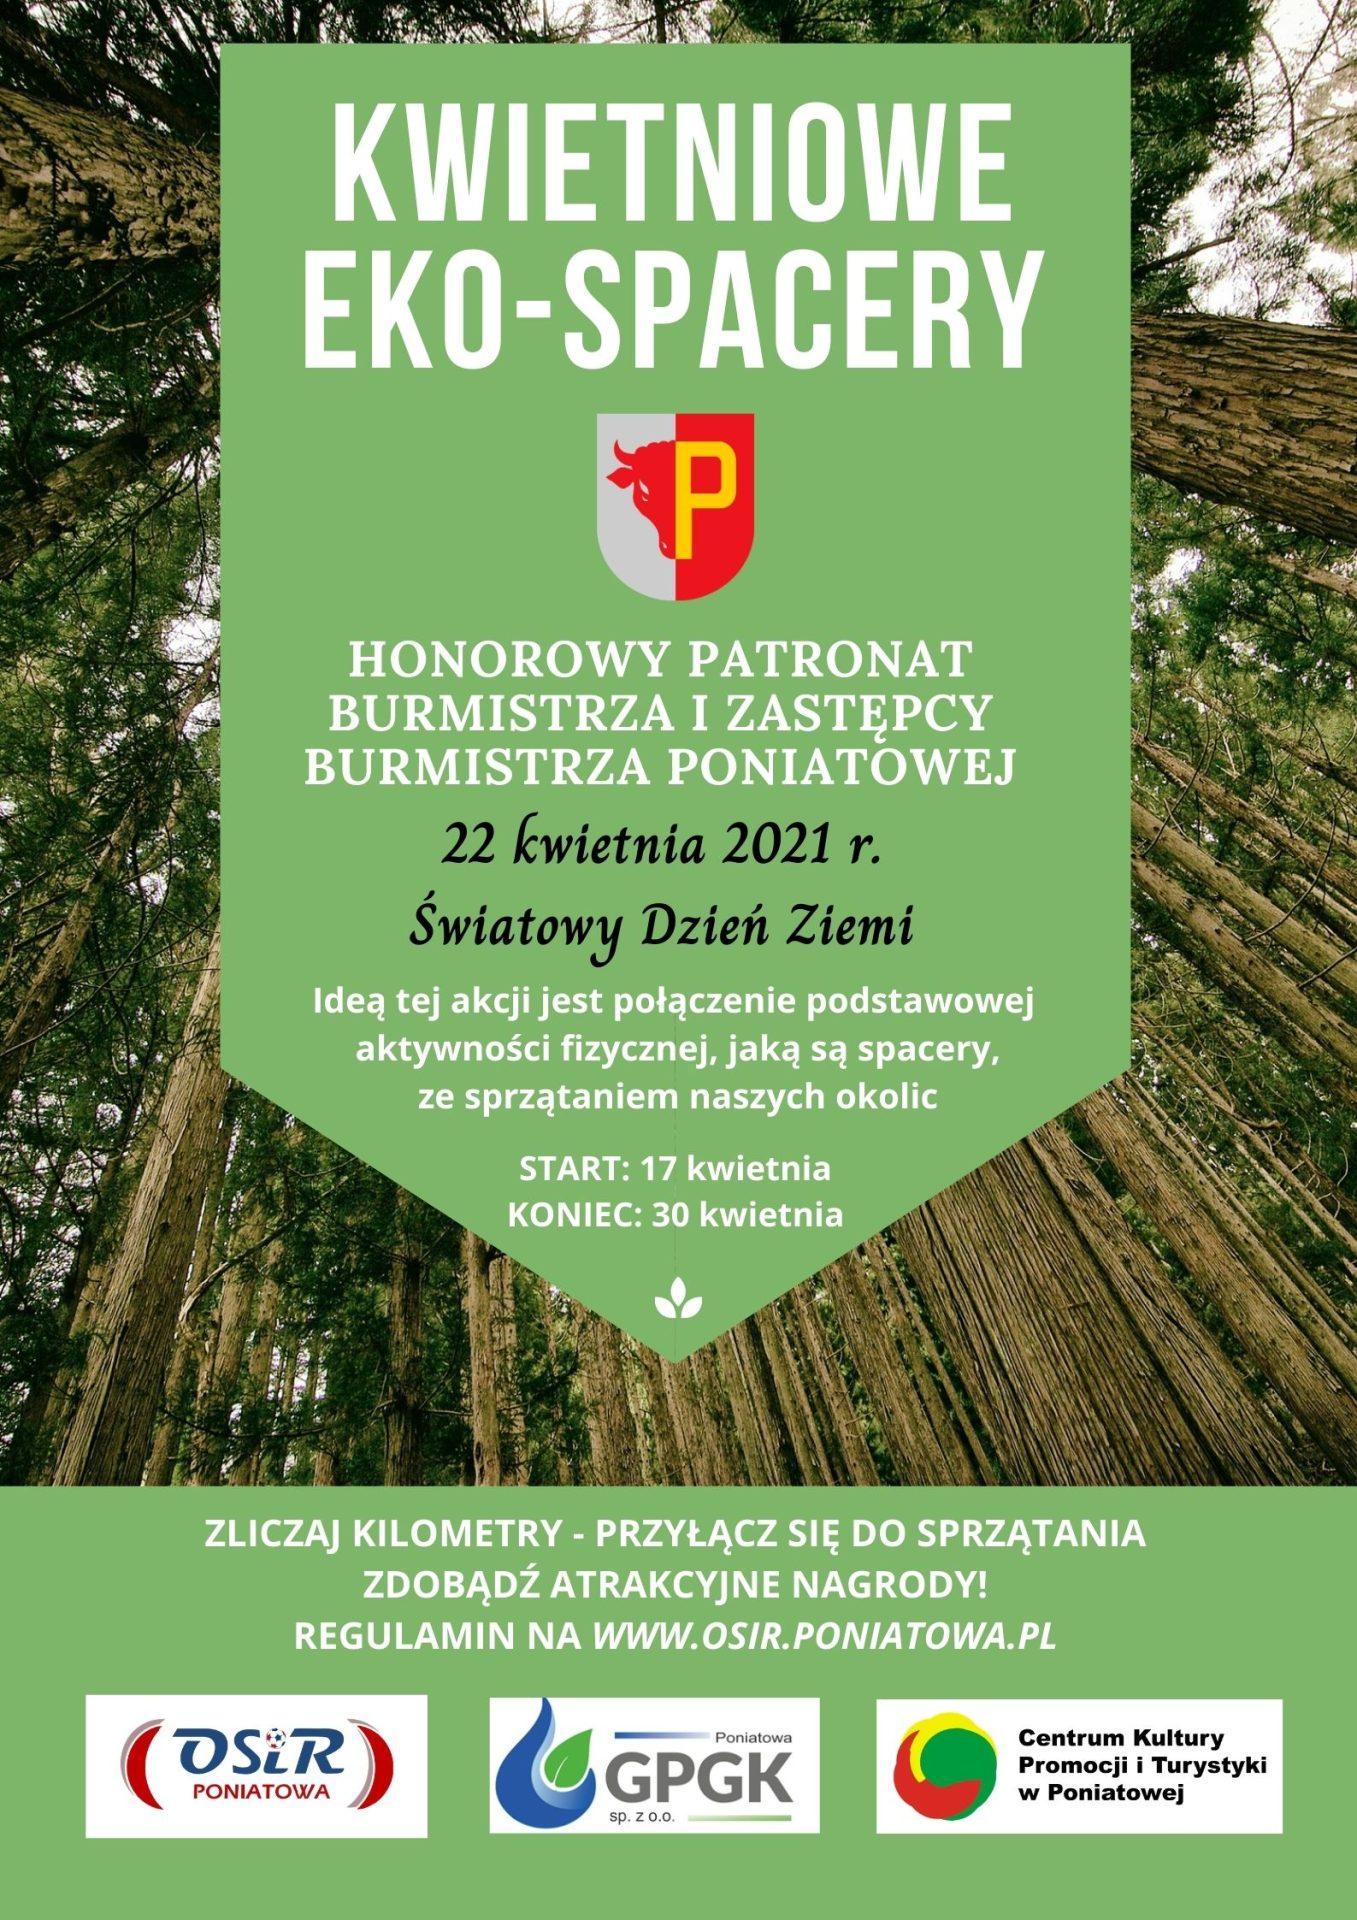 """Plakat akcji """"Kwietniowe Eko-spacery"""" na tle drzew"""